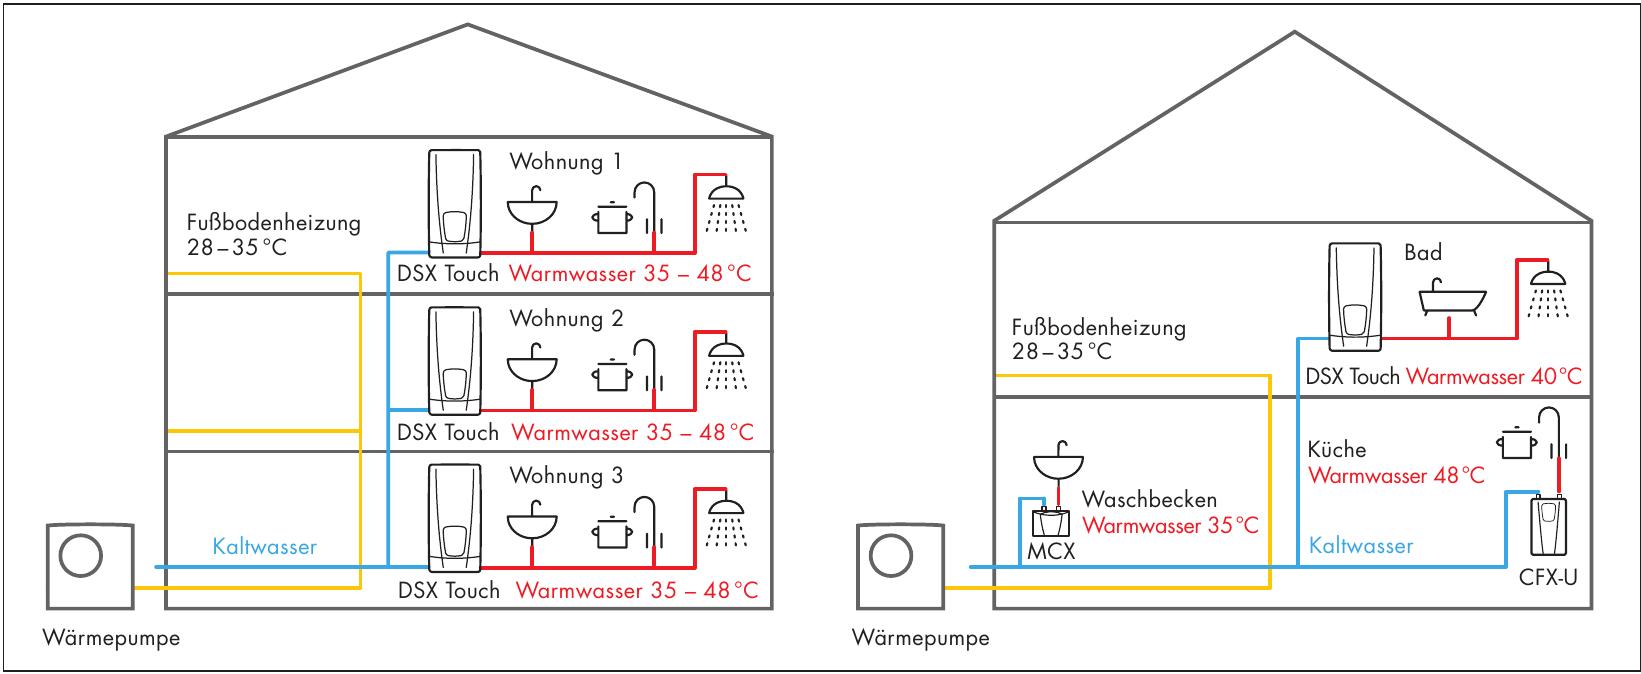 Trennung von Heizung und Warmwasser mithilfe von E-Durchlauferhitzern in einem Mehrfamilienhaus (li.) und Einfamilienhaus (re.)